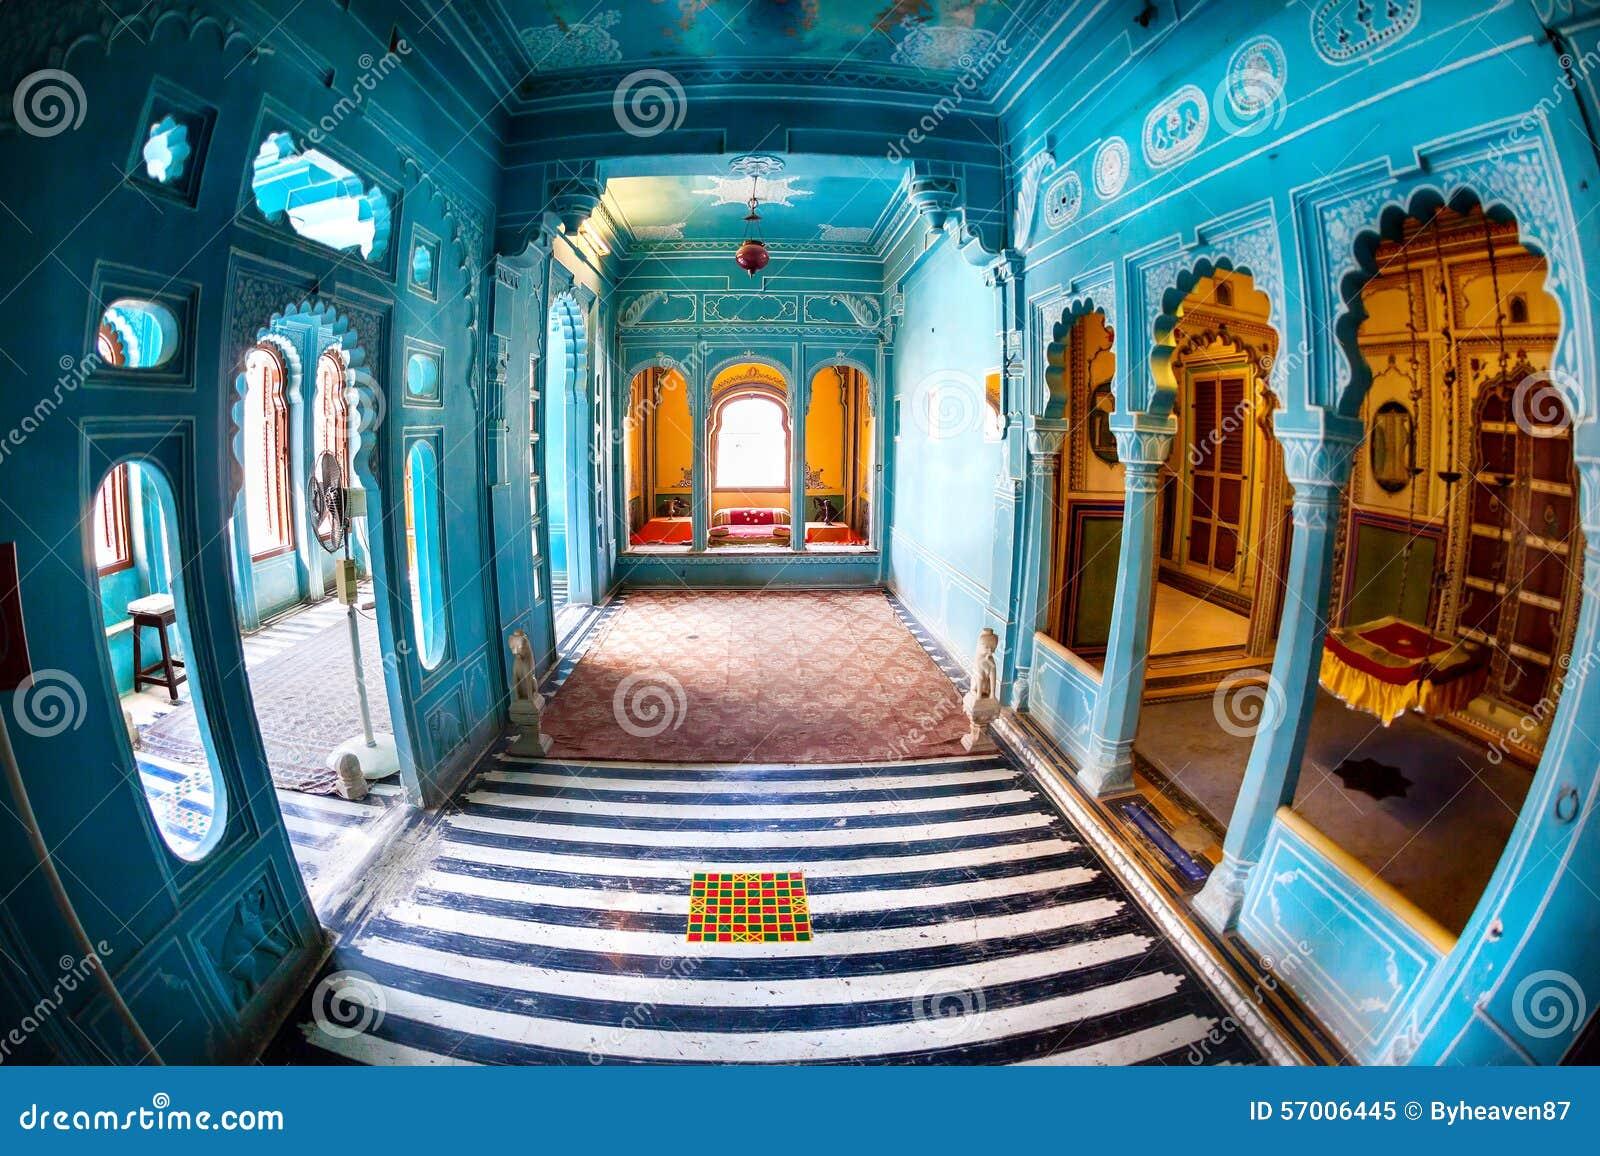 Μπλε δωμάτια στο παλάτι πόλεων